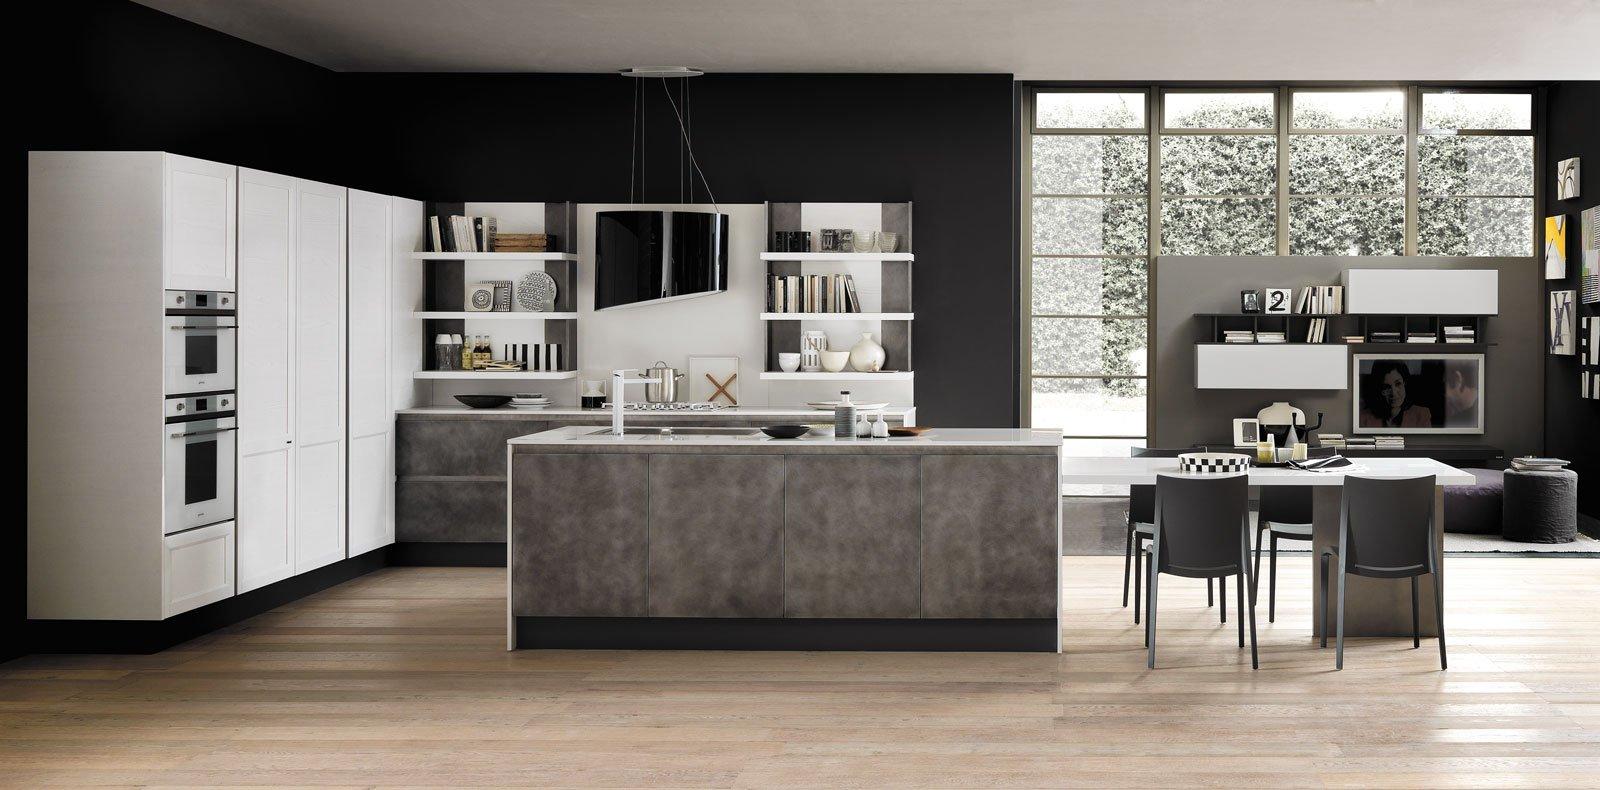 Cucine in grigio di inaspettata freschezza novit - Top cucina grigio ...